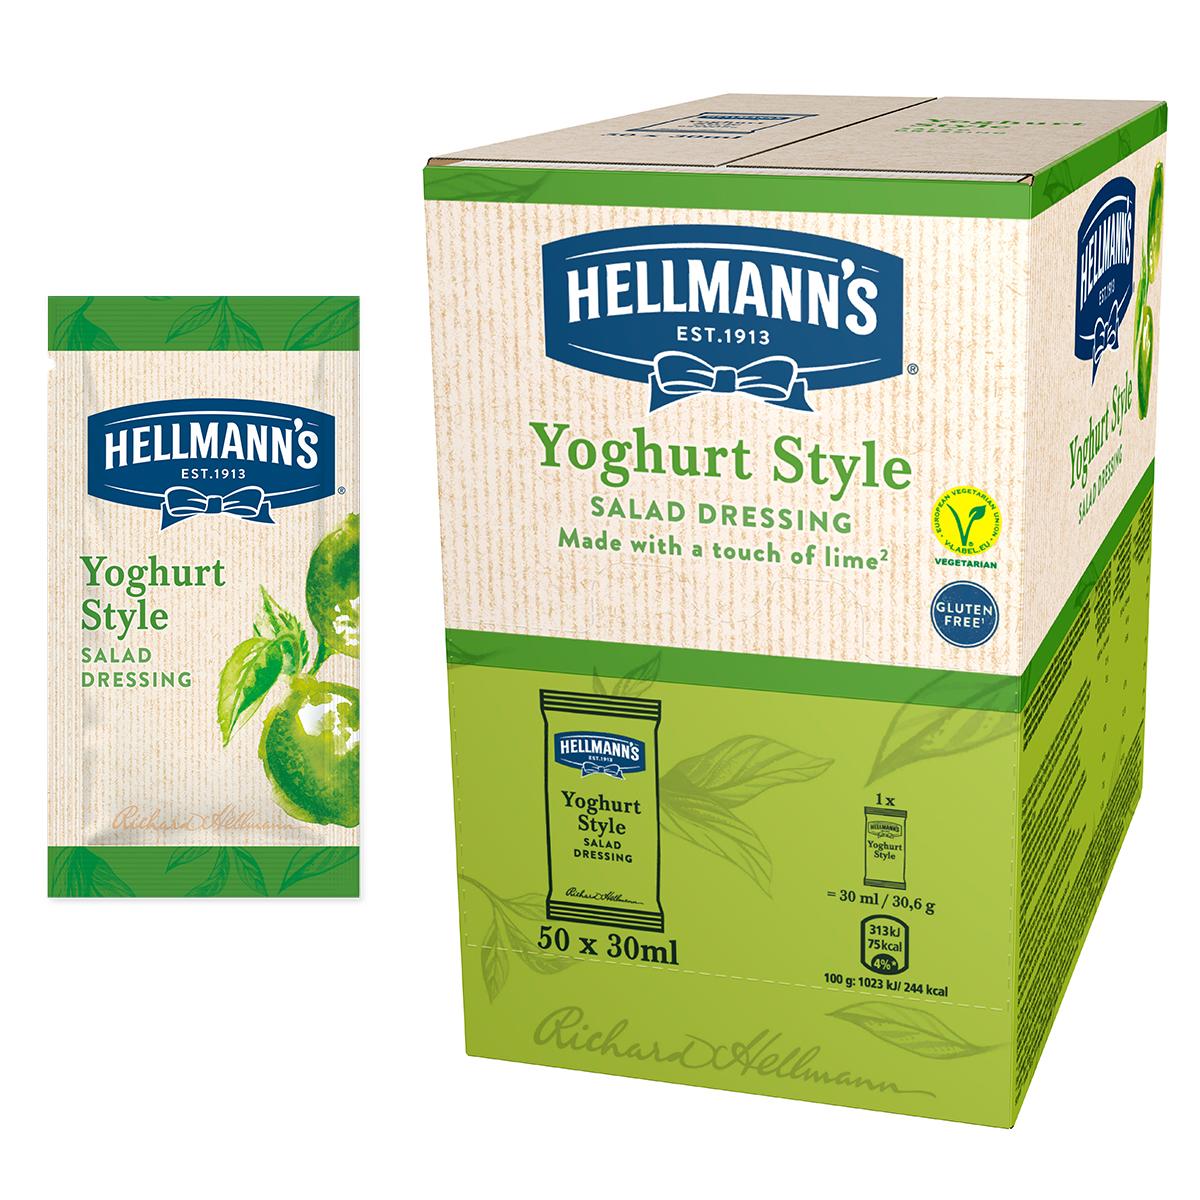 """Hellmann's Салатен дресинг Йогурт - доза 30 ml - """"Имам нужда от готово решение за салатен дресинг в единична доза, с качество, на което мога да разчитам и което бързо би се добавило към салата за доставка"""""""